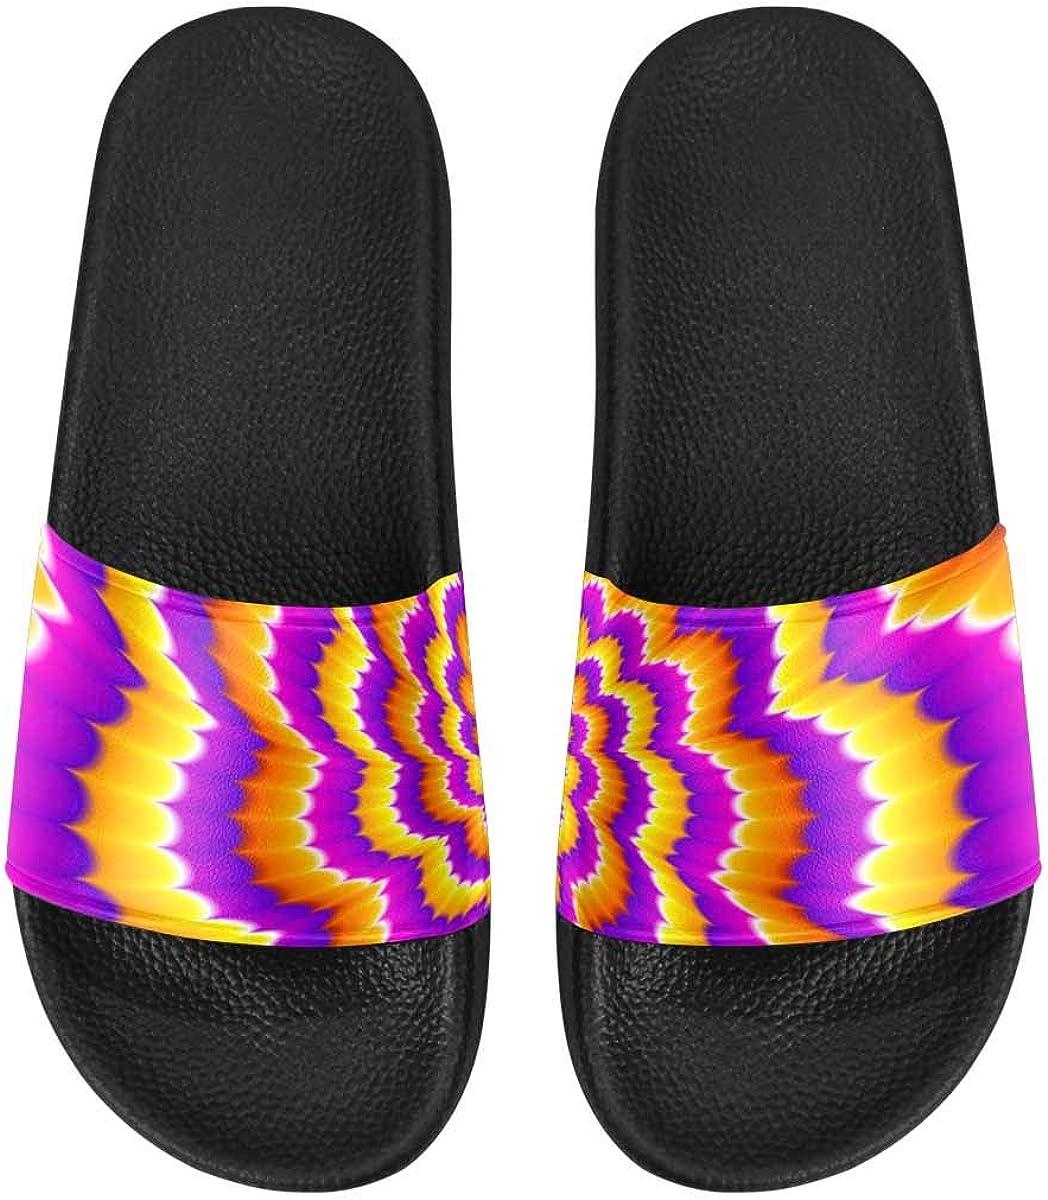 InterestPrint Women's Casual Slide Sandals for Indoor Outdoor Colorful Aztec Pattern